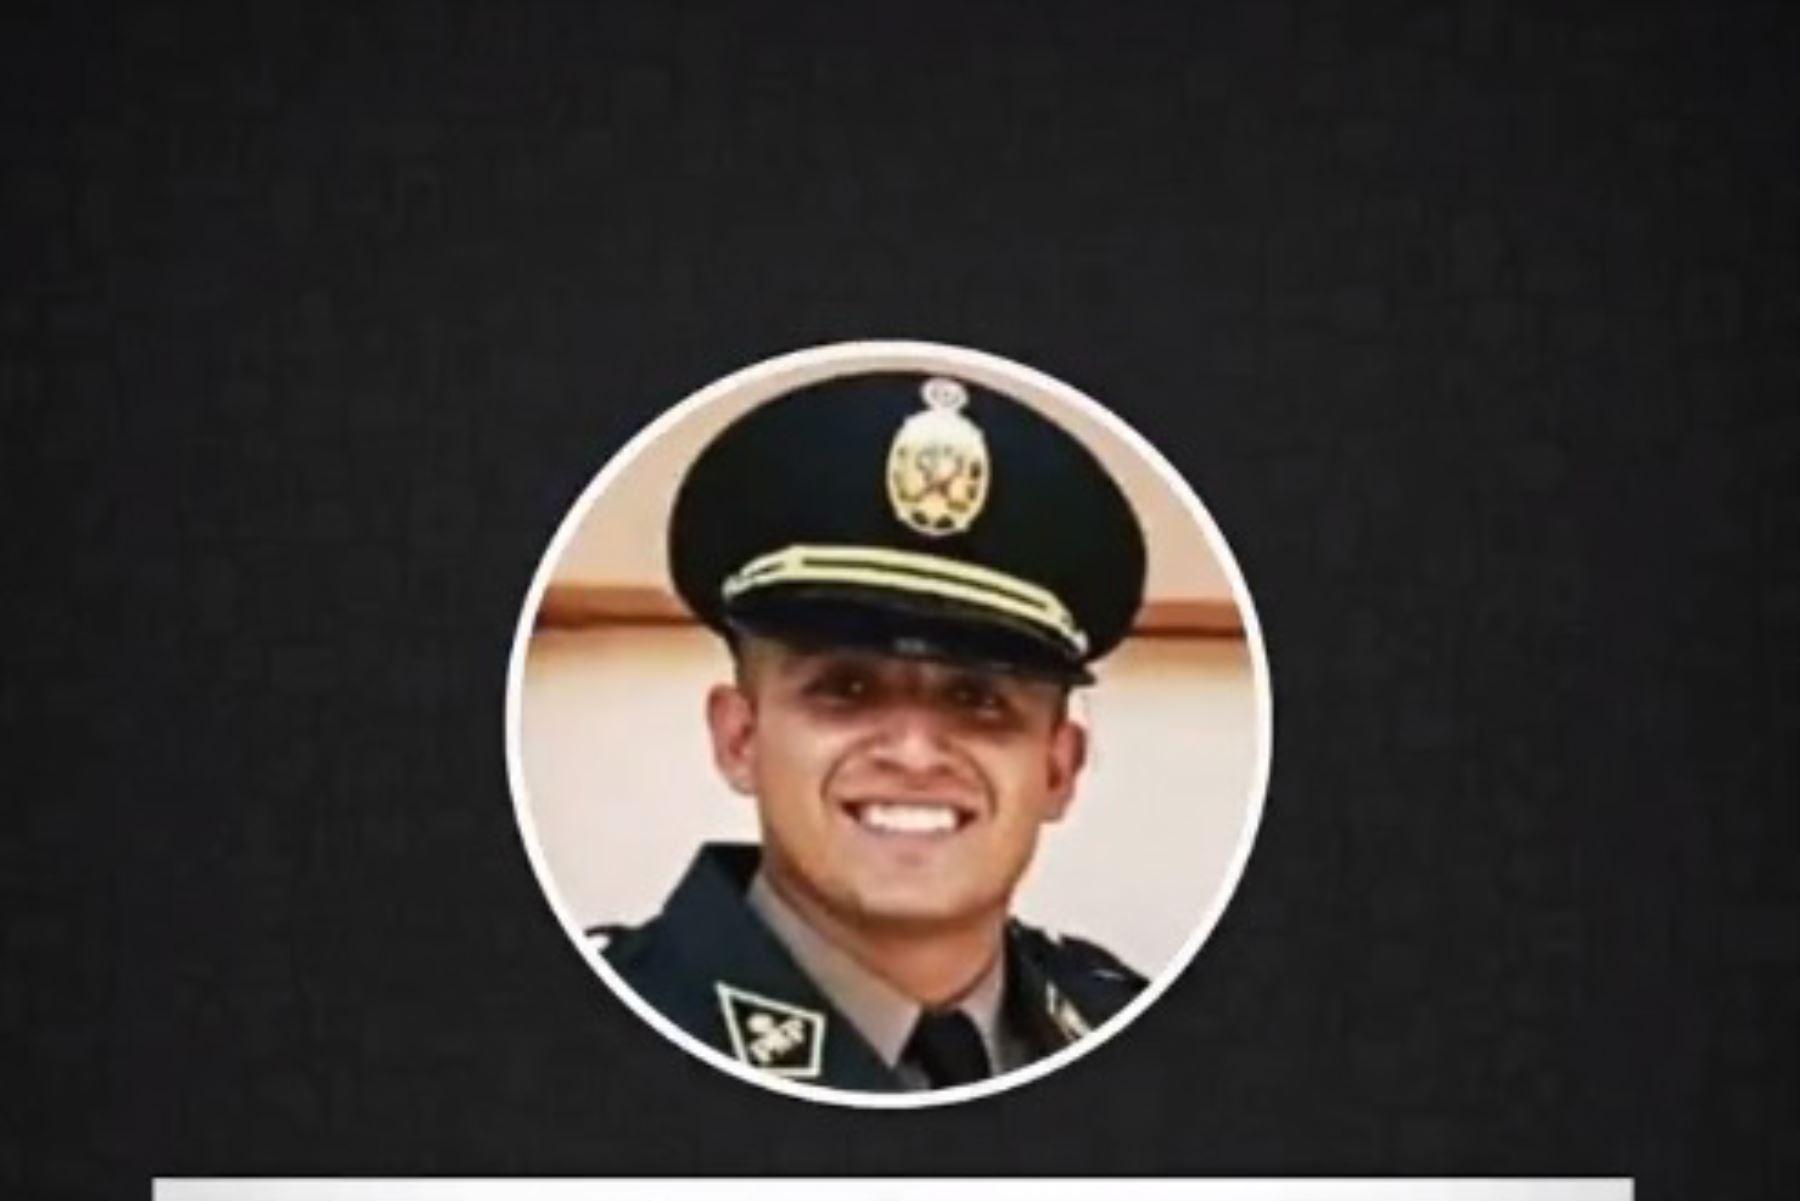 El suboficial PNP Elvis Miranda Rojas, recluido en el penal de Piura, hoy cumple 25 años. Foto: ANDINA/Difusión